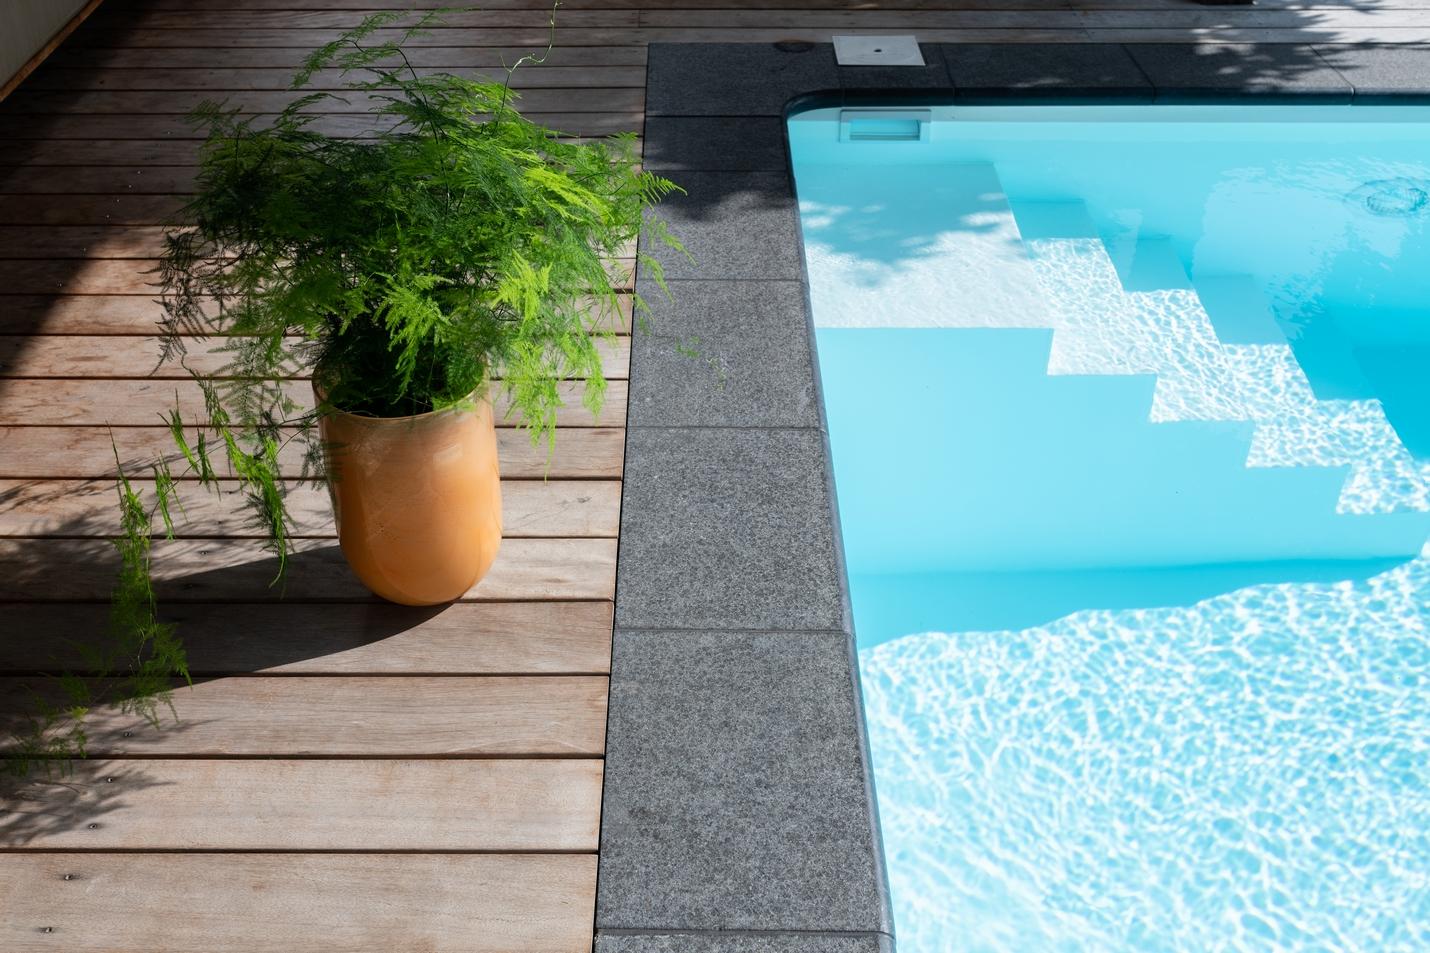 Inlooptrap in een inbouw zwembad